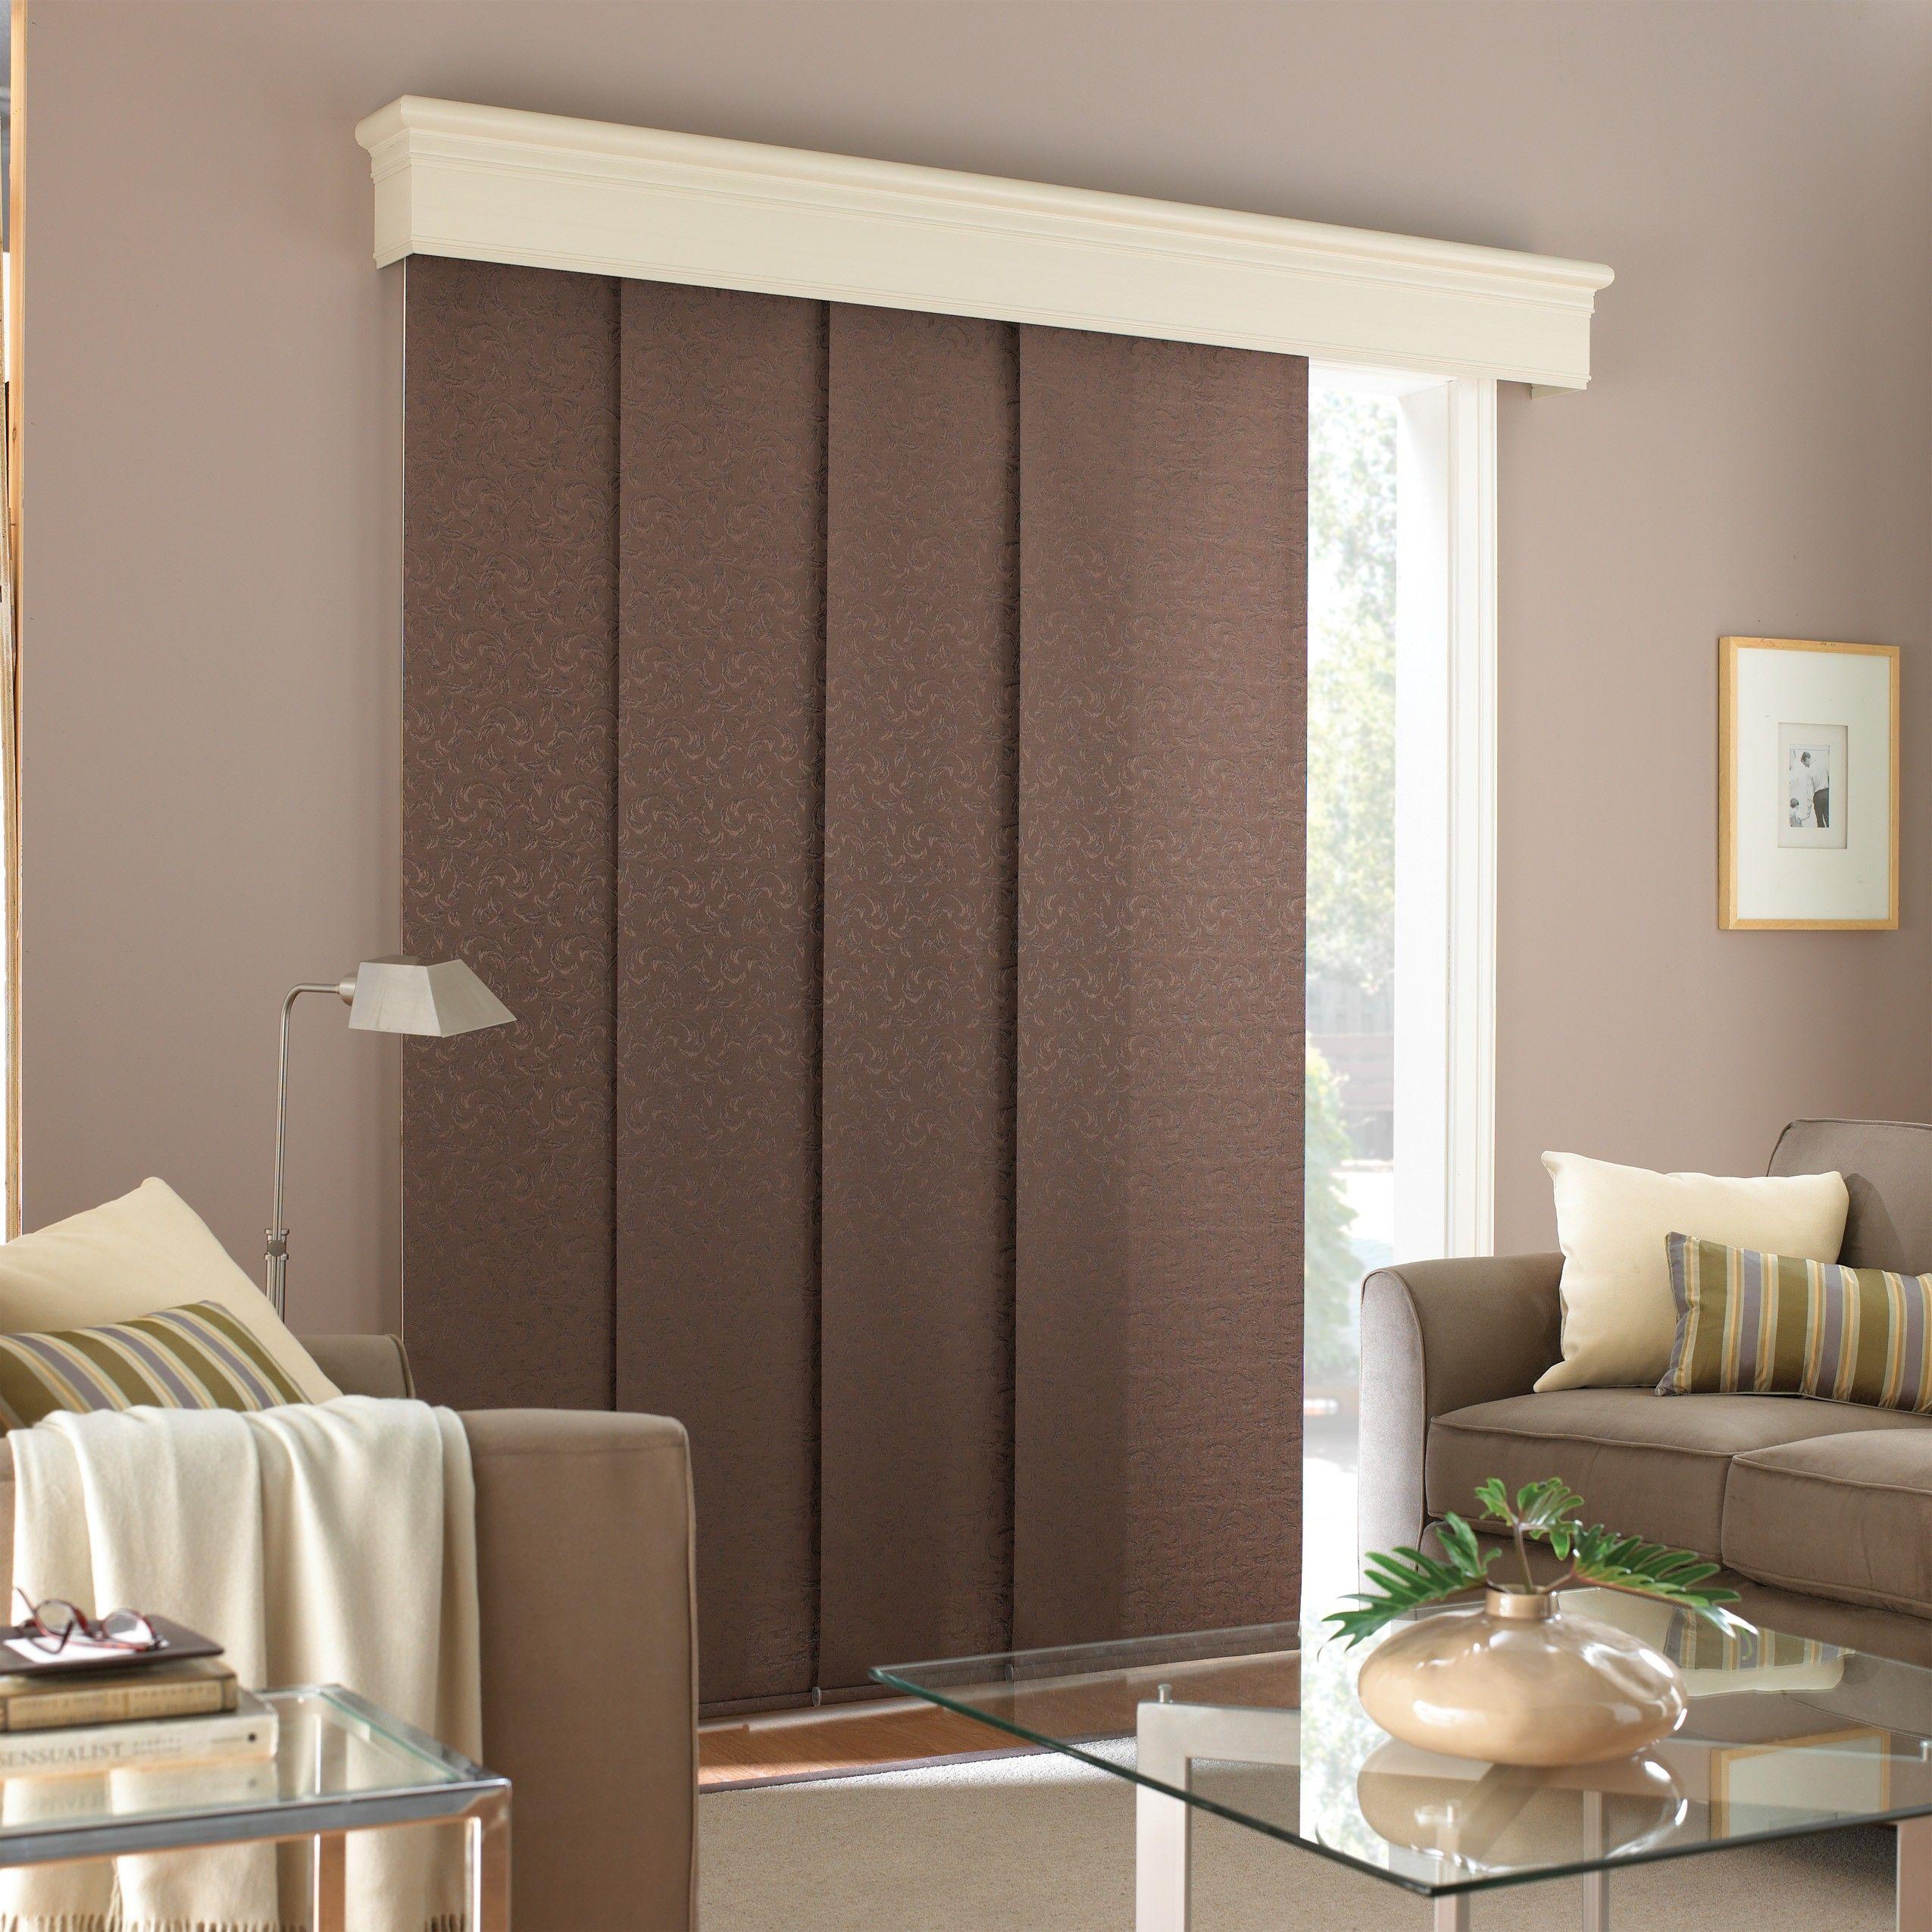 Room Design White Blinds For Sliding Door Wooden Kusen Attractive